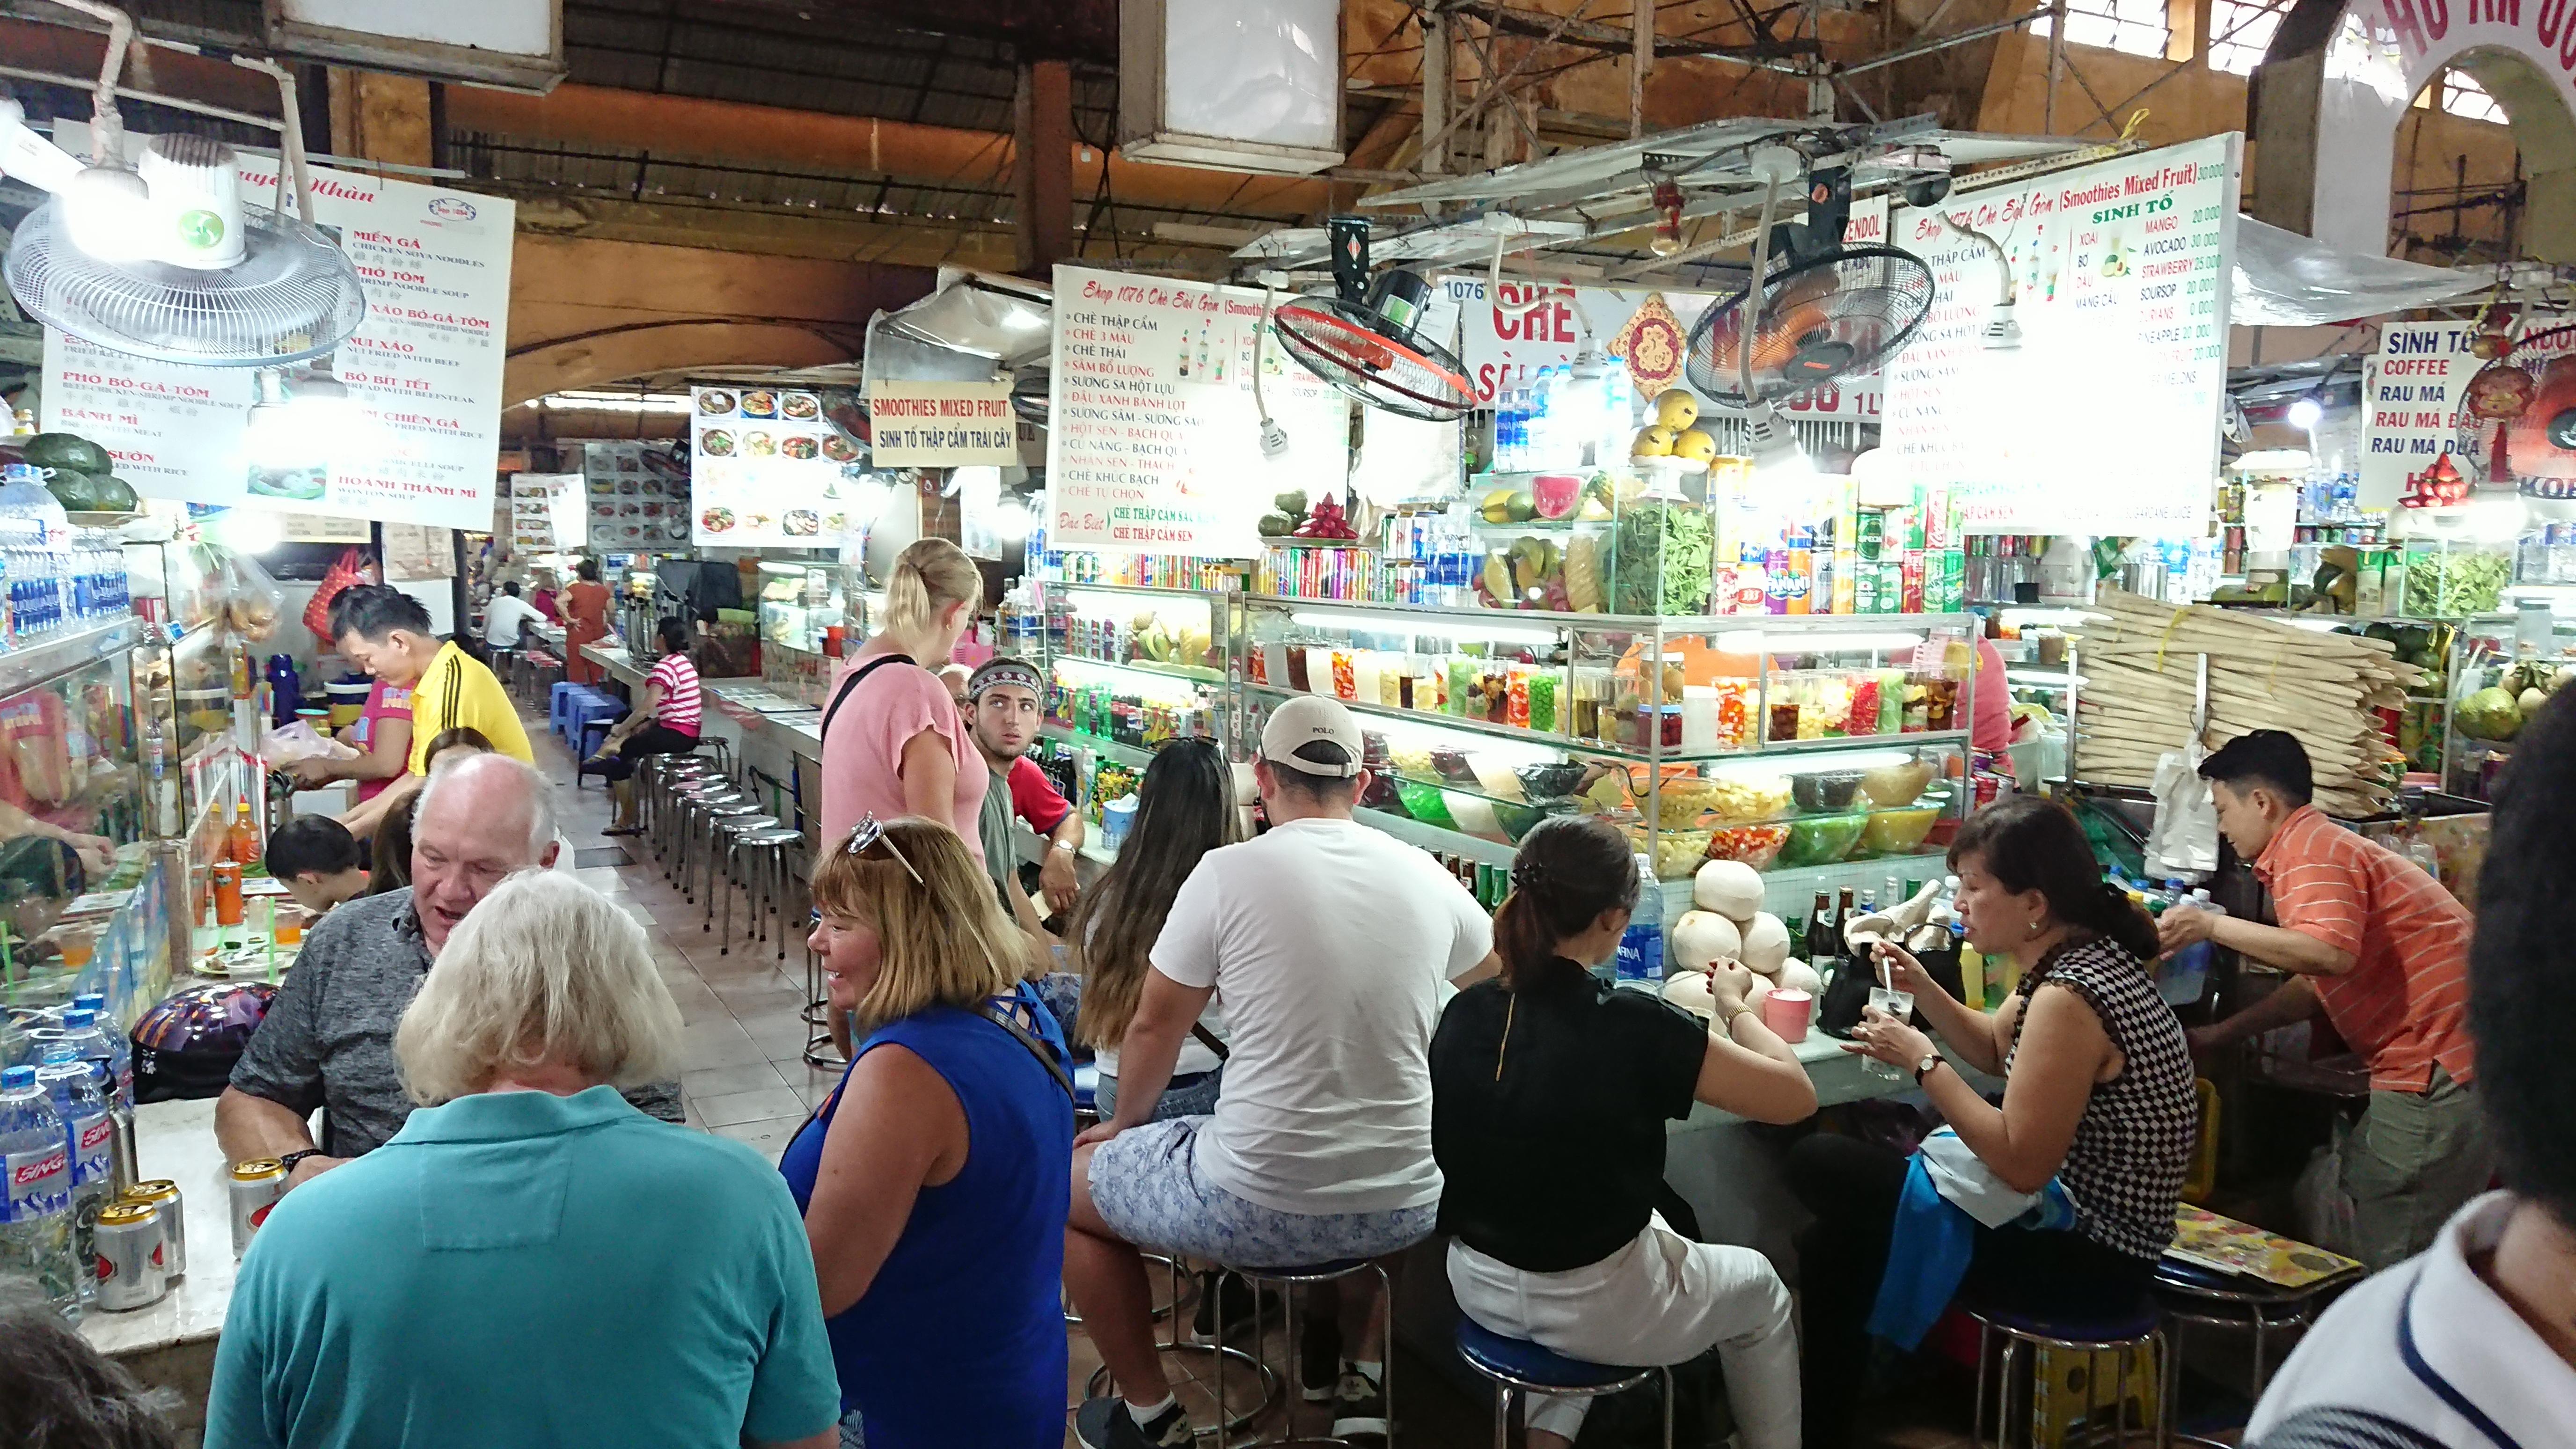 ベンタン市場をグルグル回って観光